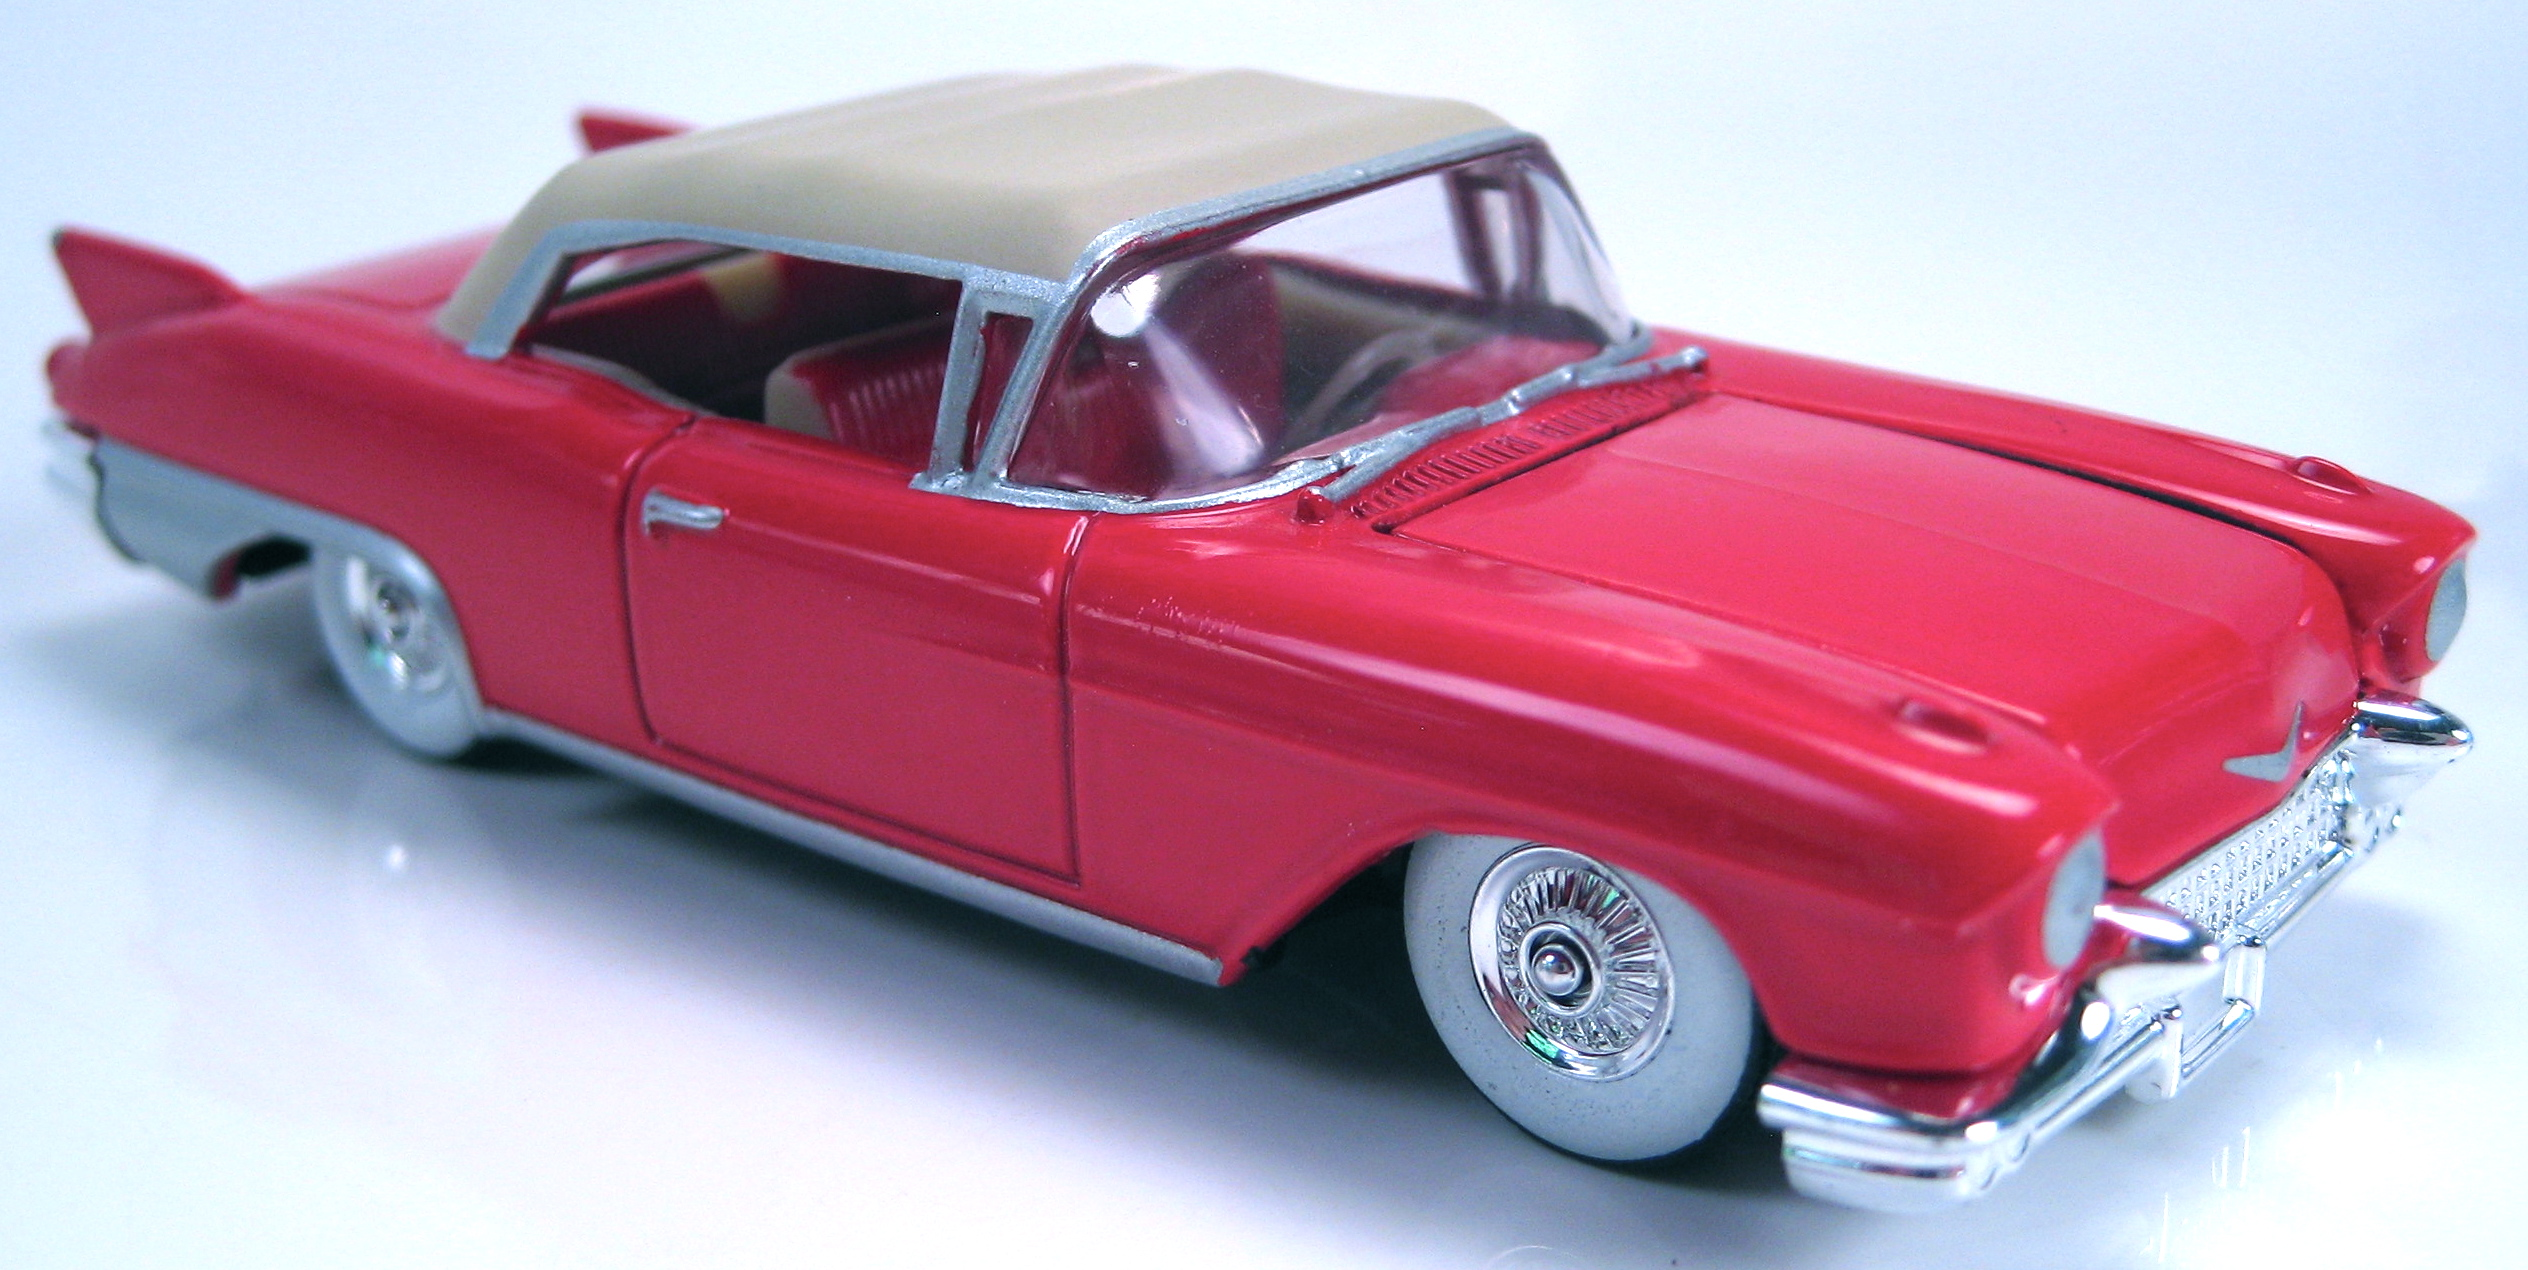 '57 Cadillac Eldorado Convertible